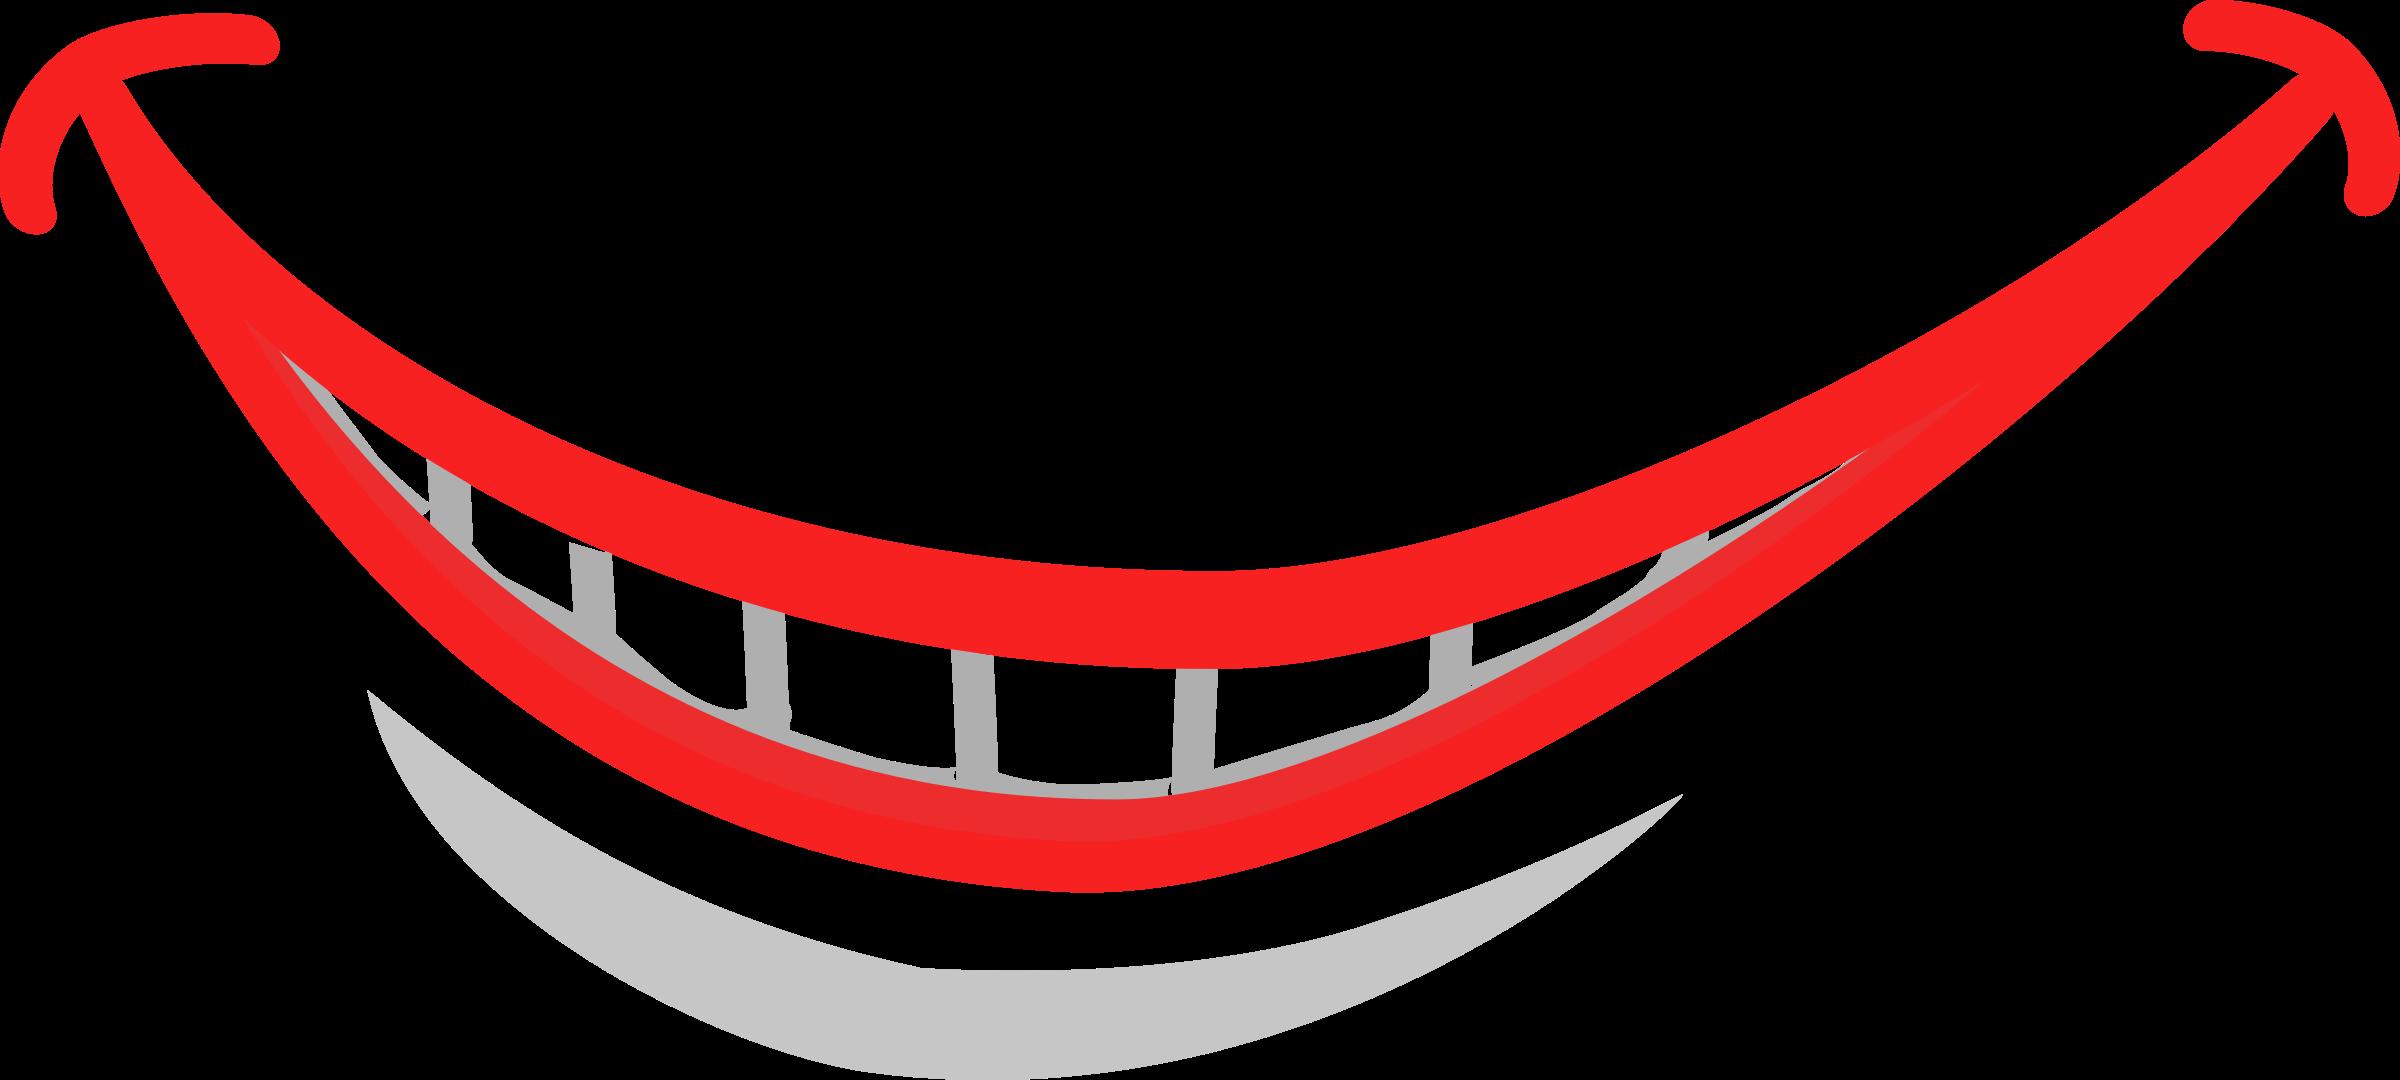 Cartoon Smile Mouth Smile